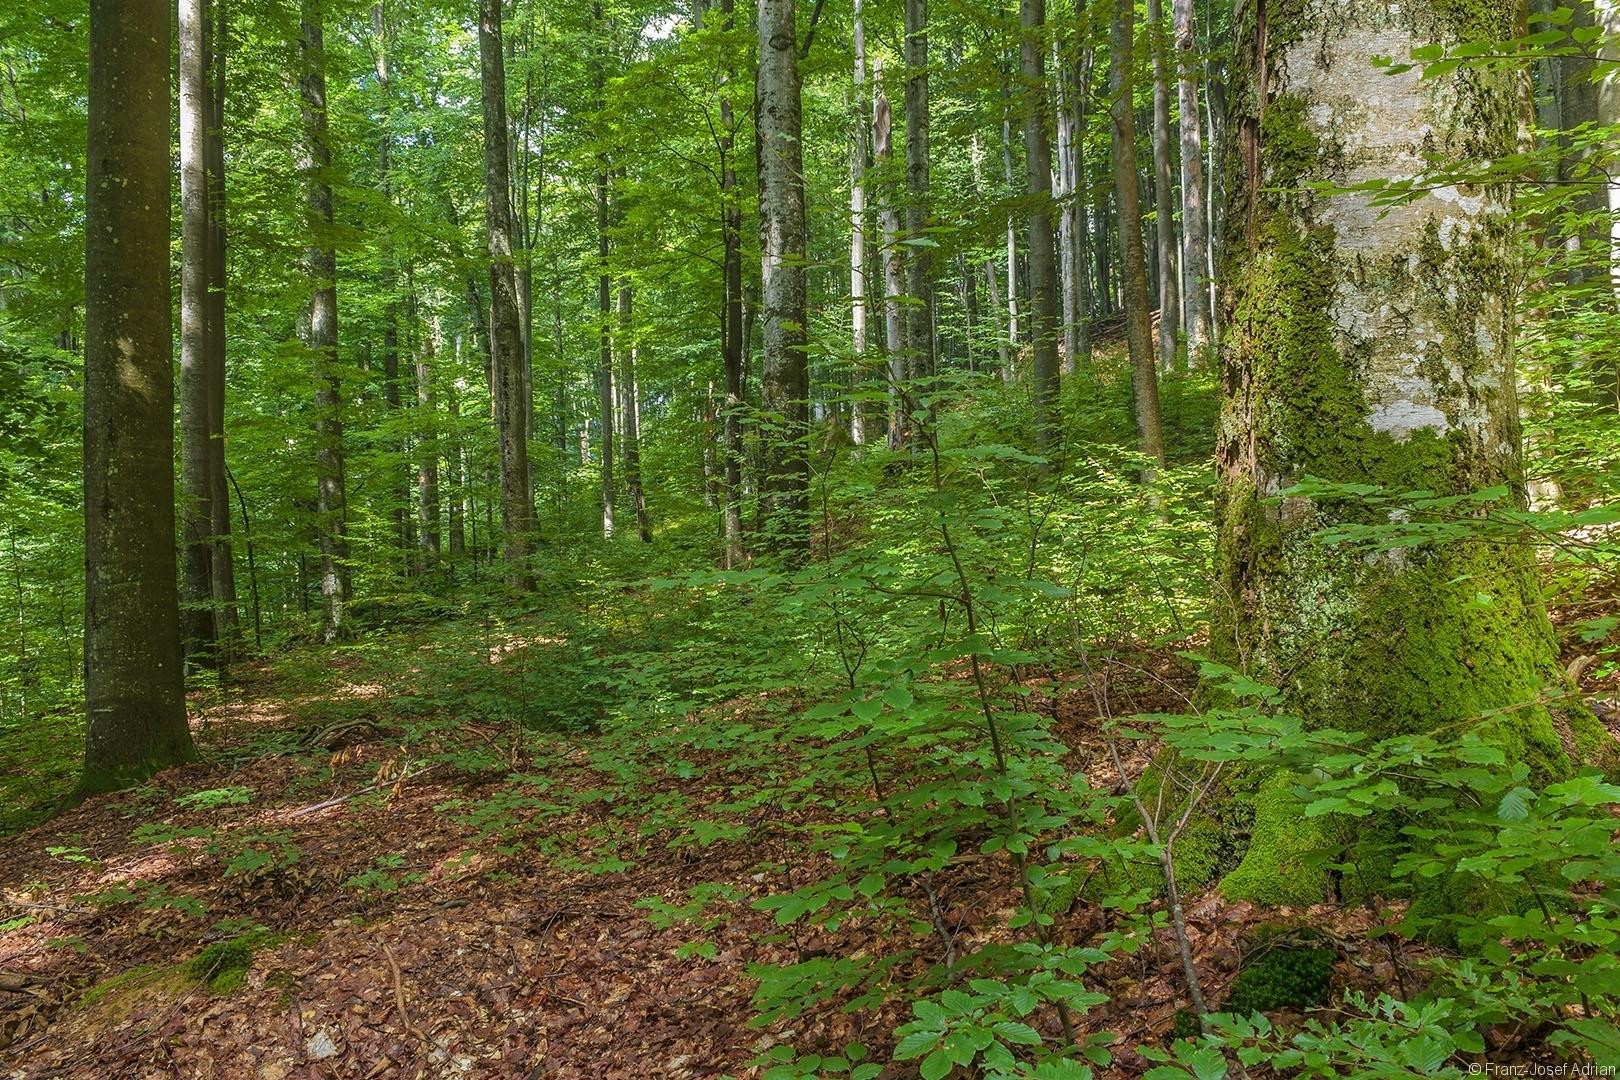 strukturreicher, ungleichaltriger Buchenurwald